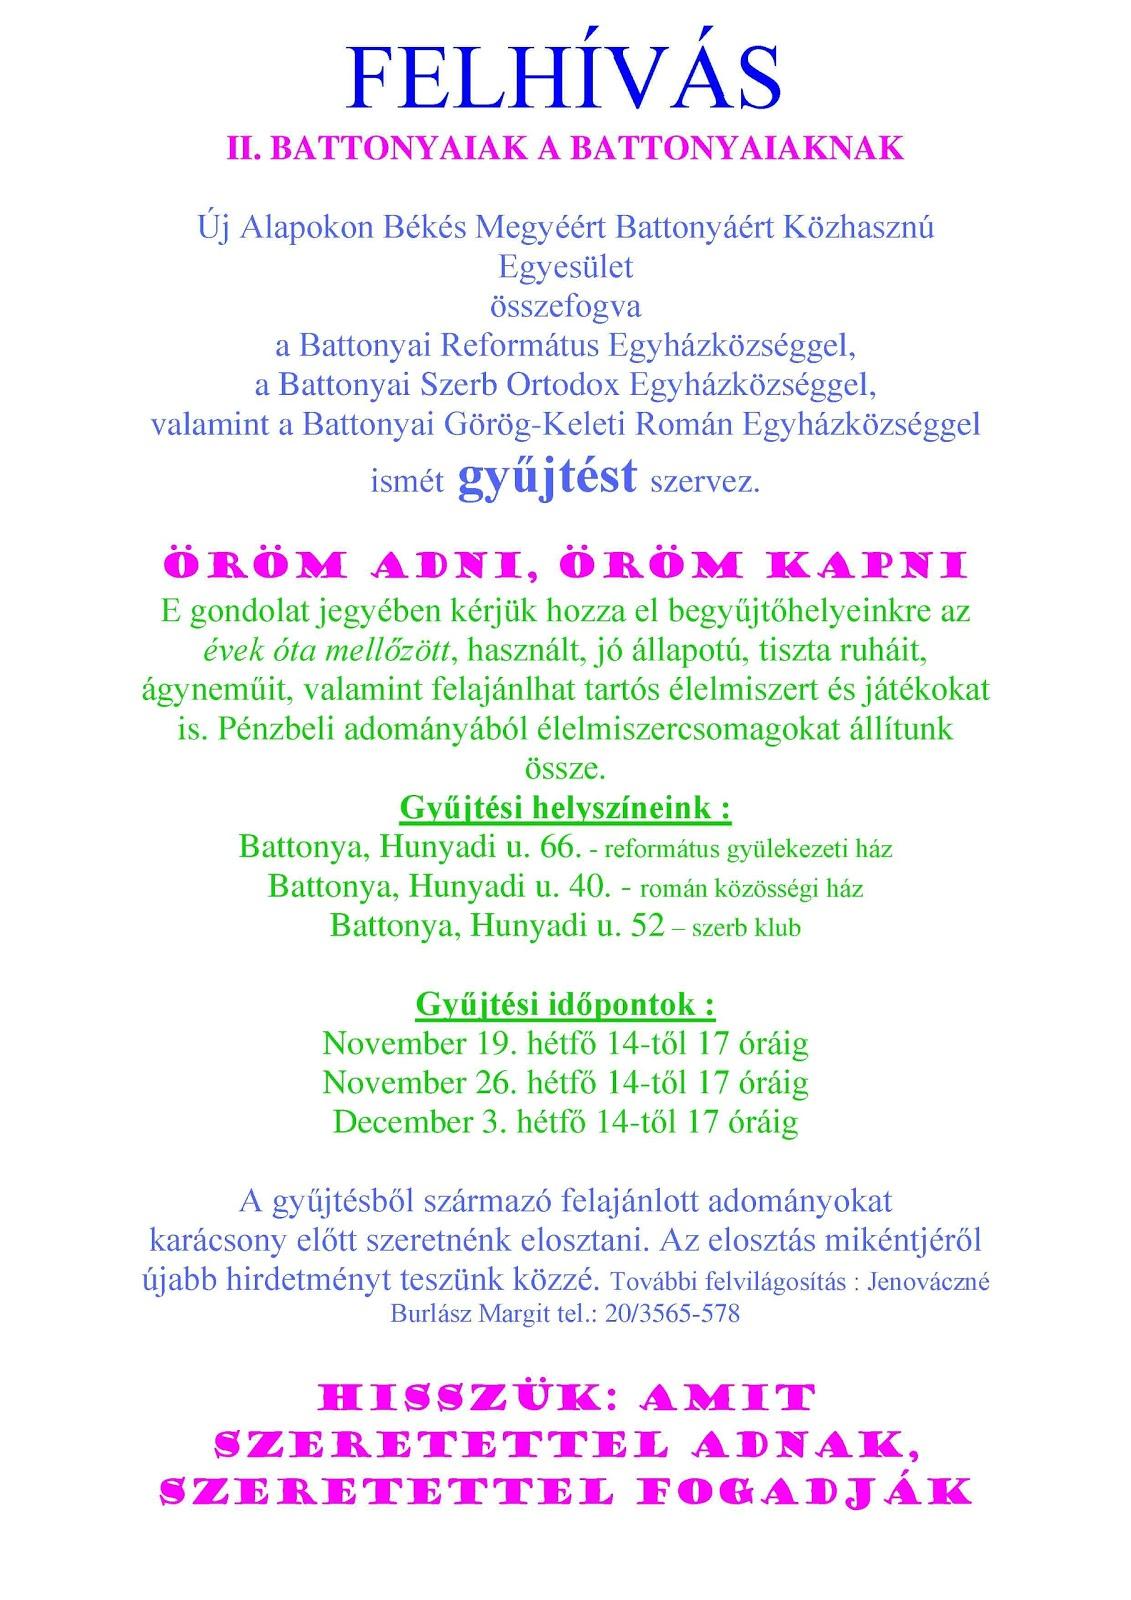 szülinapi meghívó versek NETNYÚZ   BATTONYA: II. Battonyaiak a Battonyaiaknak   ismét  szülinapi meghívó versek